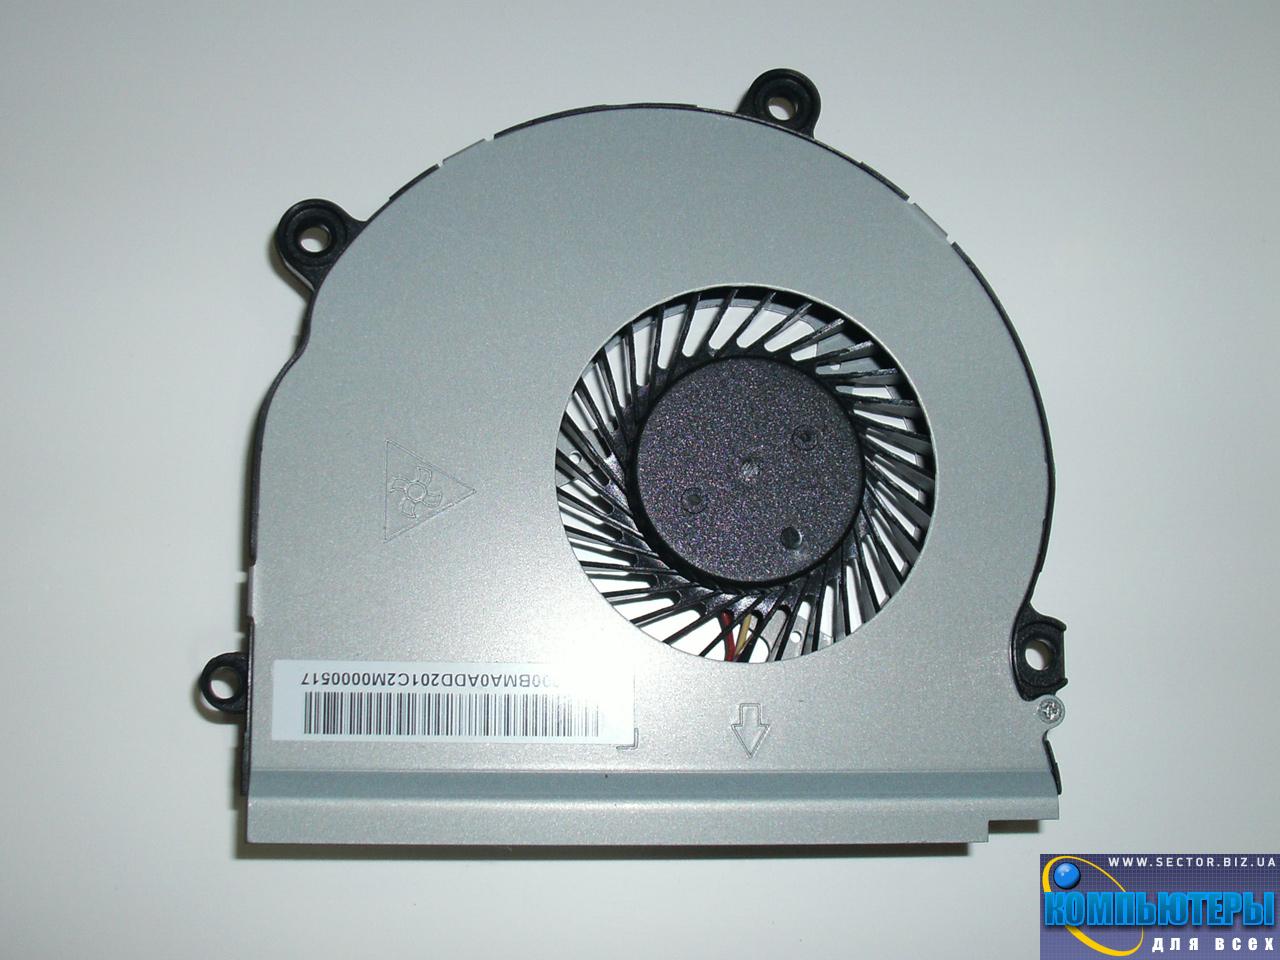 Кулер к ноутбуку Samsung NP355V4X NP355V4C NP350V5C NP355V5X p/n: AB08005HX10K300. Фото № 1.